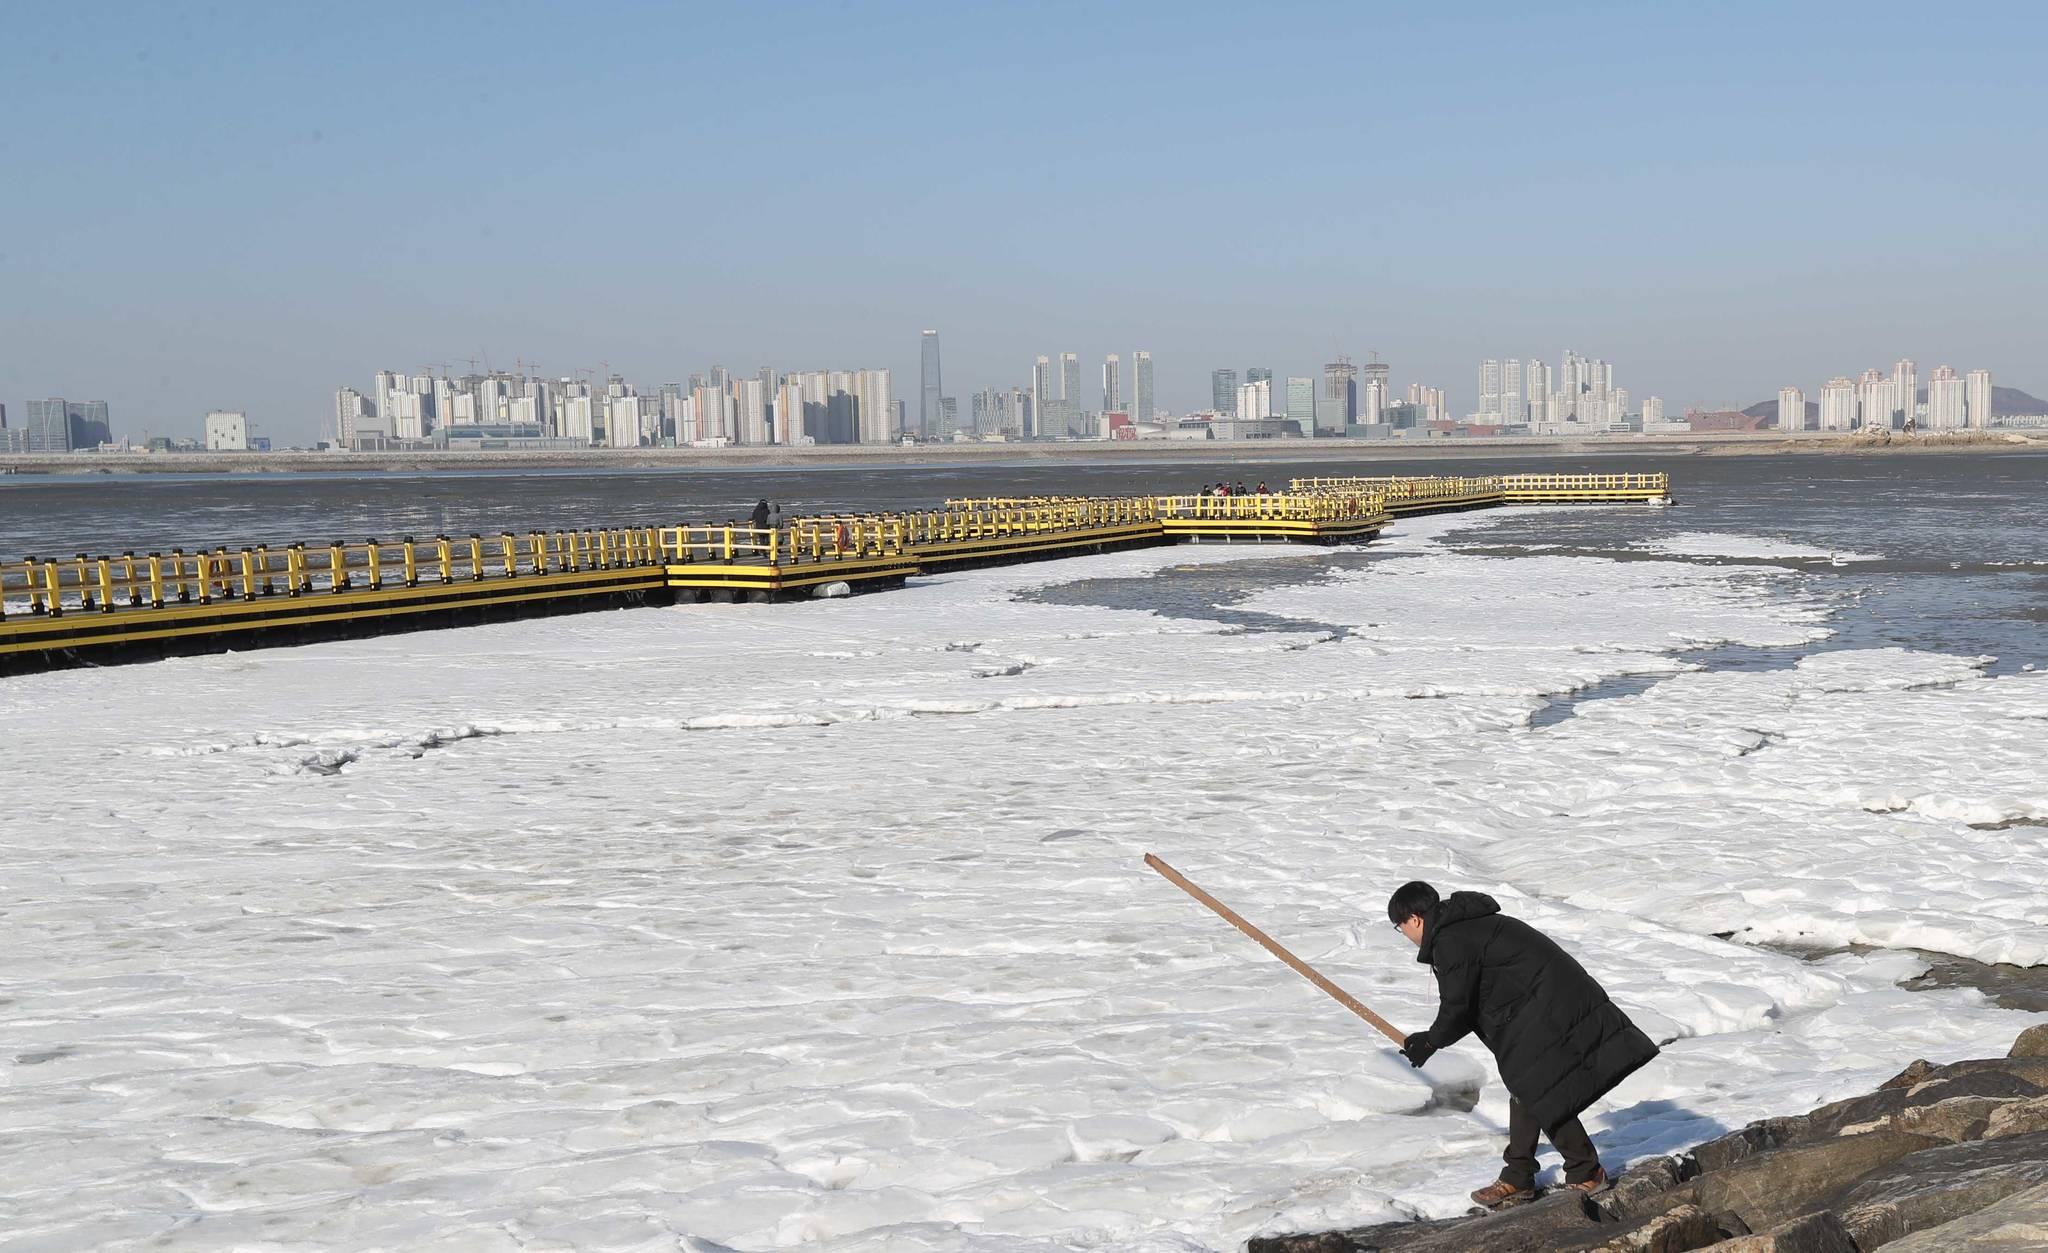 혹한에는 바닷물도 얼어붙는다. 인천 오이도 선착장이 얼음과 눈으로 덮혀있다. [중앙포토]